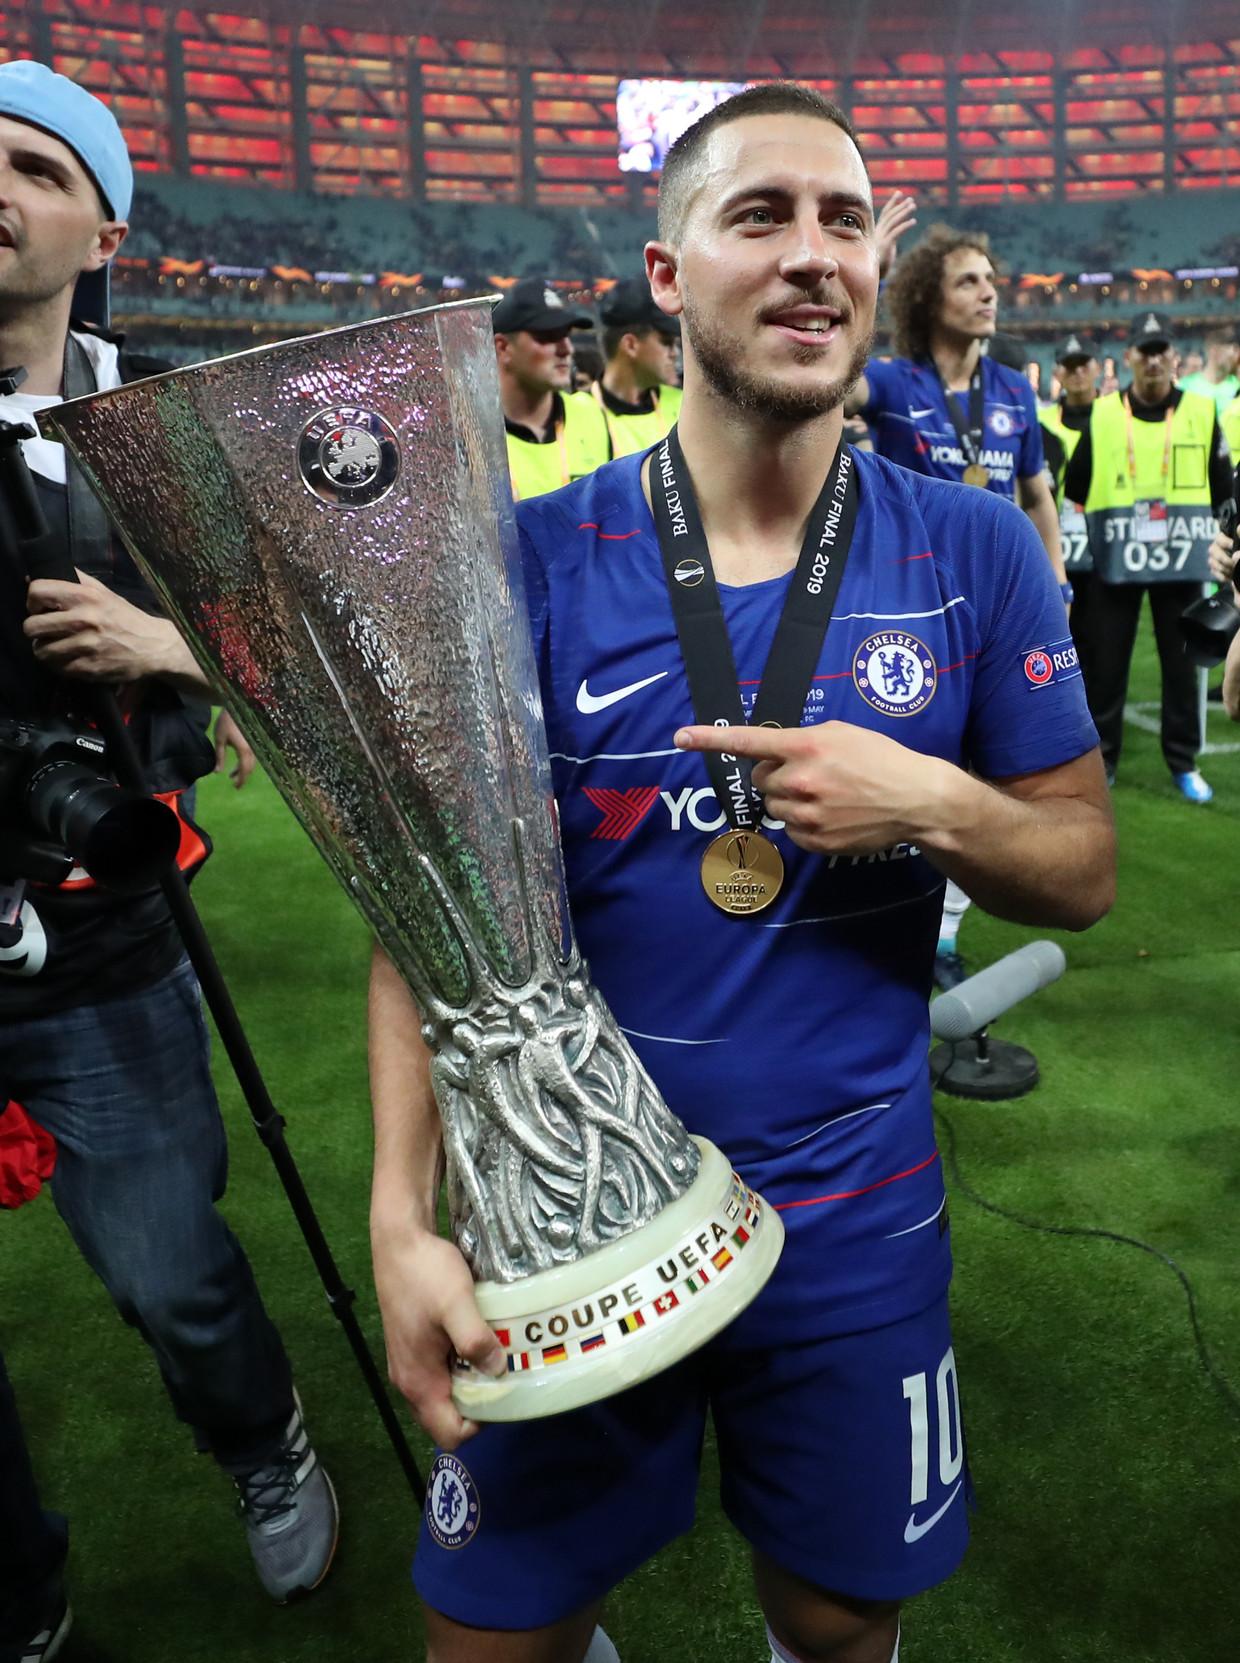 Eden Hazard van Chelsea met de Uefa Cup na de 4-1 zege op Arsenal in de finale van de Europa League.